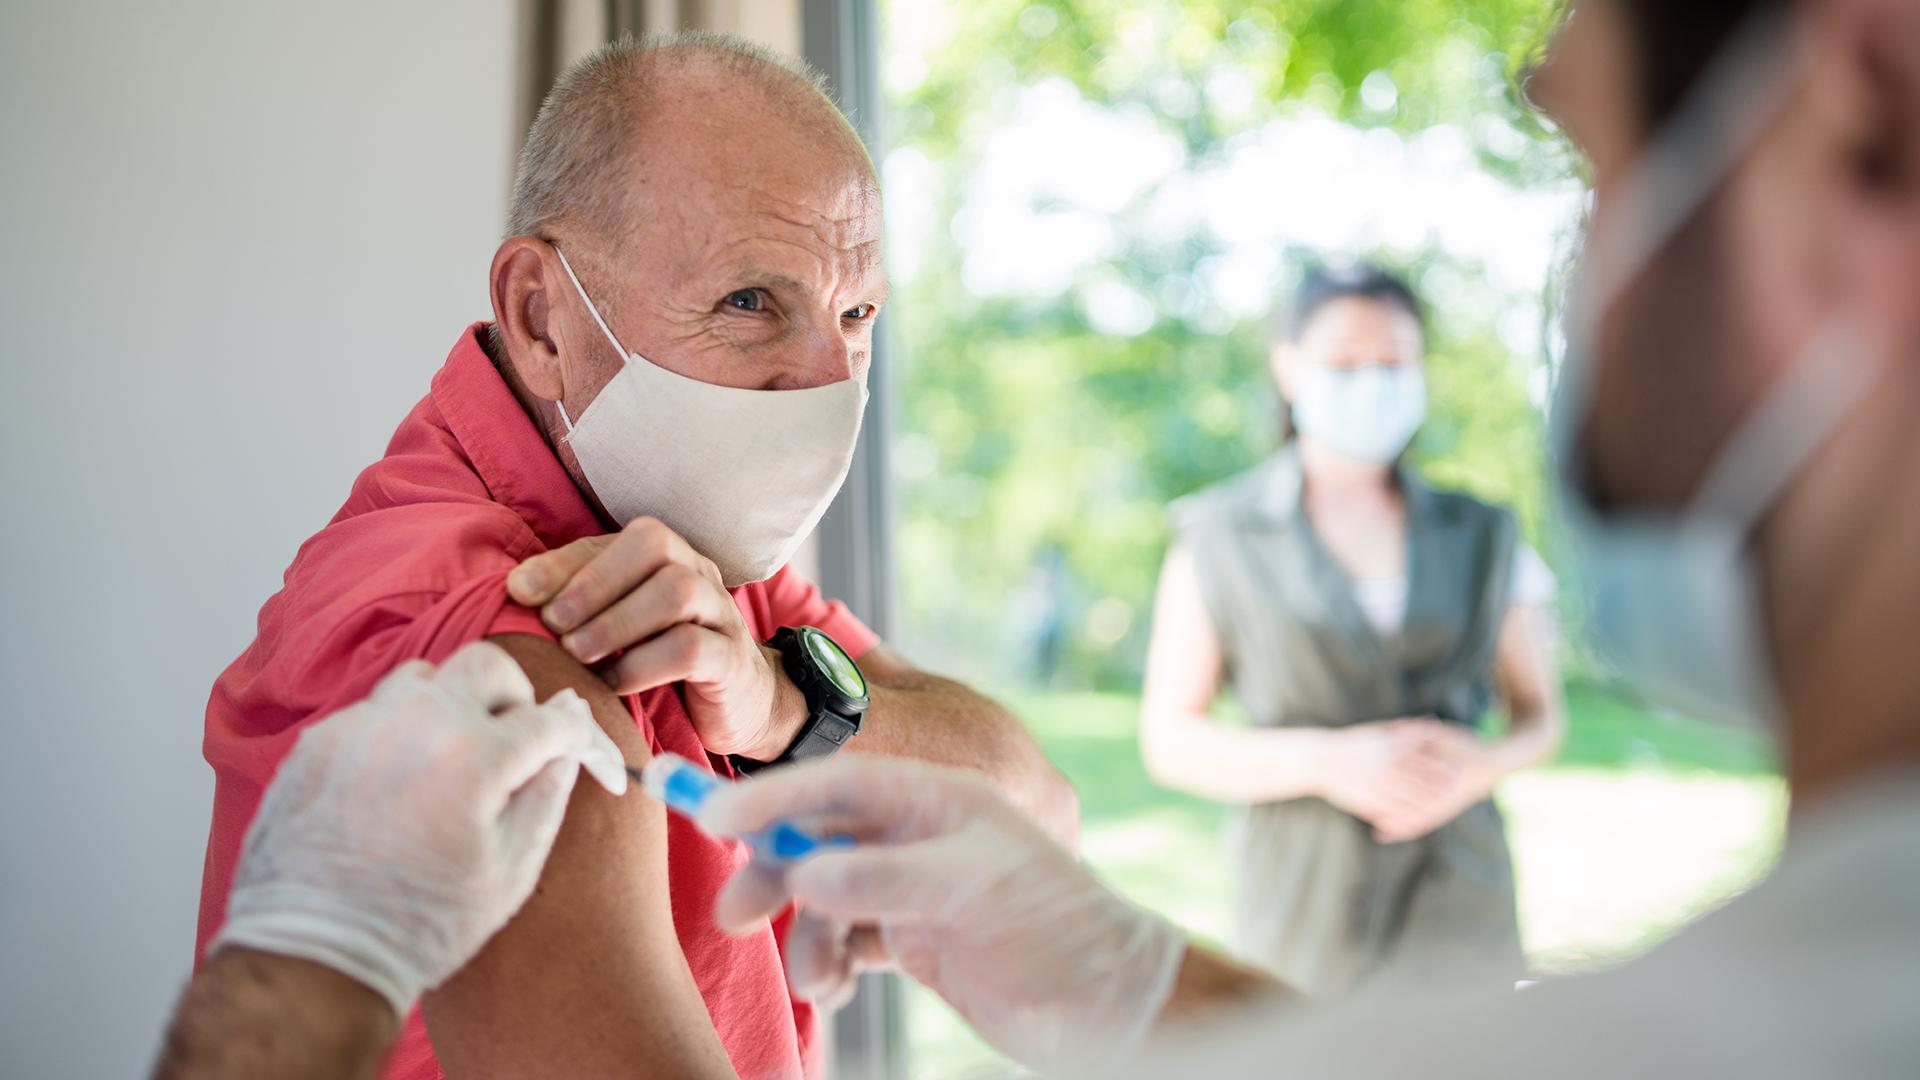 Az antitest-teszt nem mutatja ki a koronavírus elleni védettséget